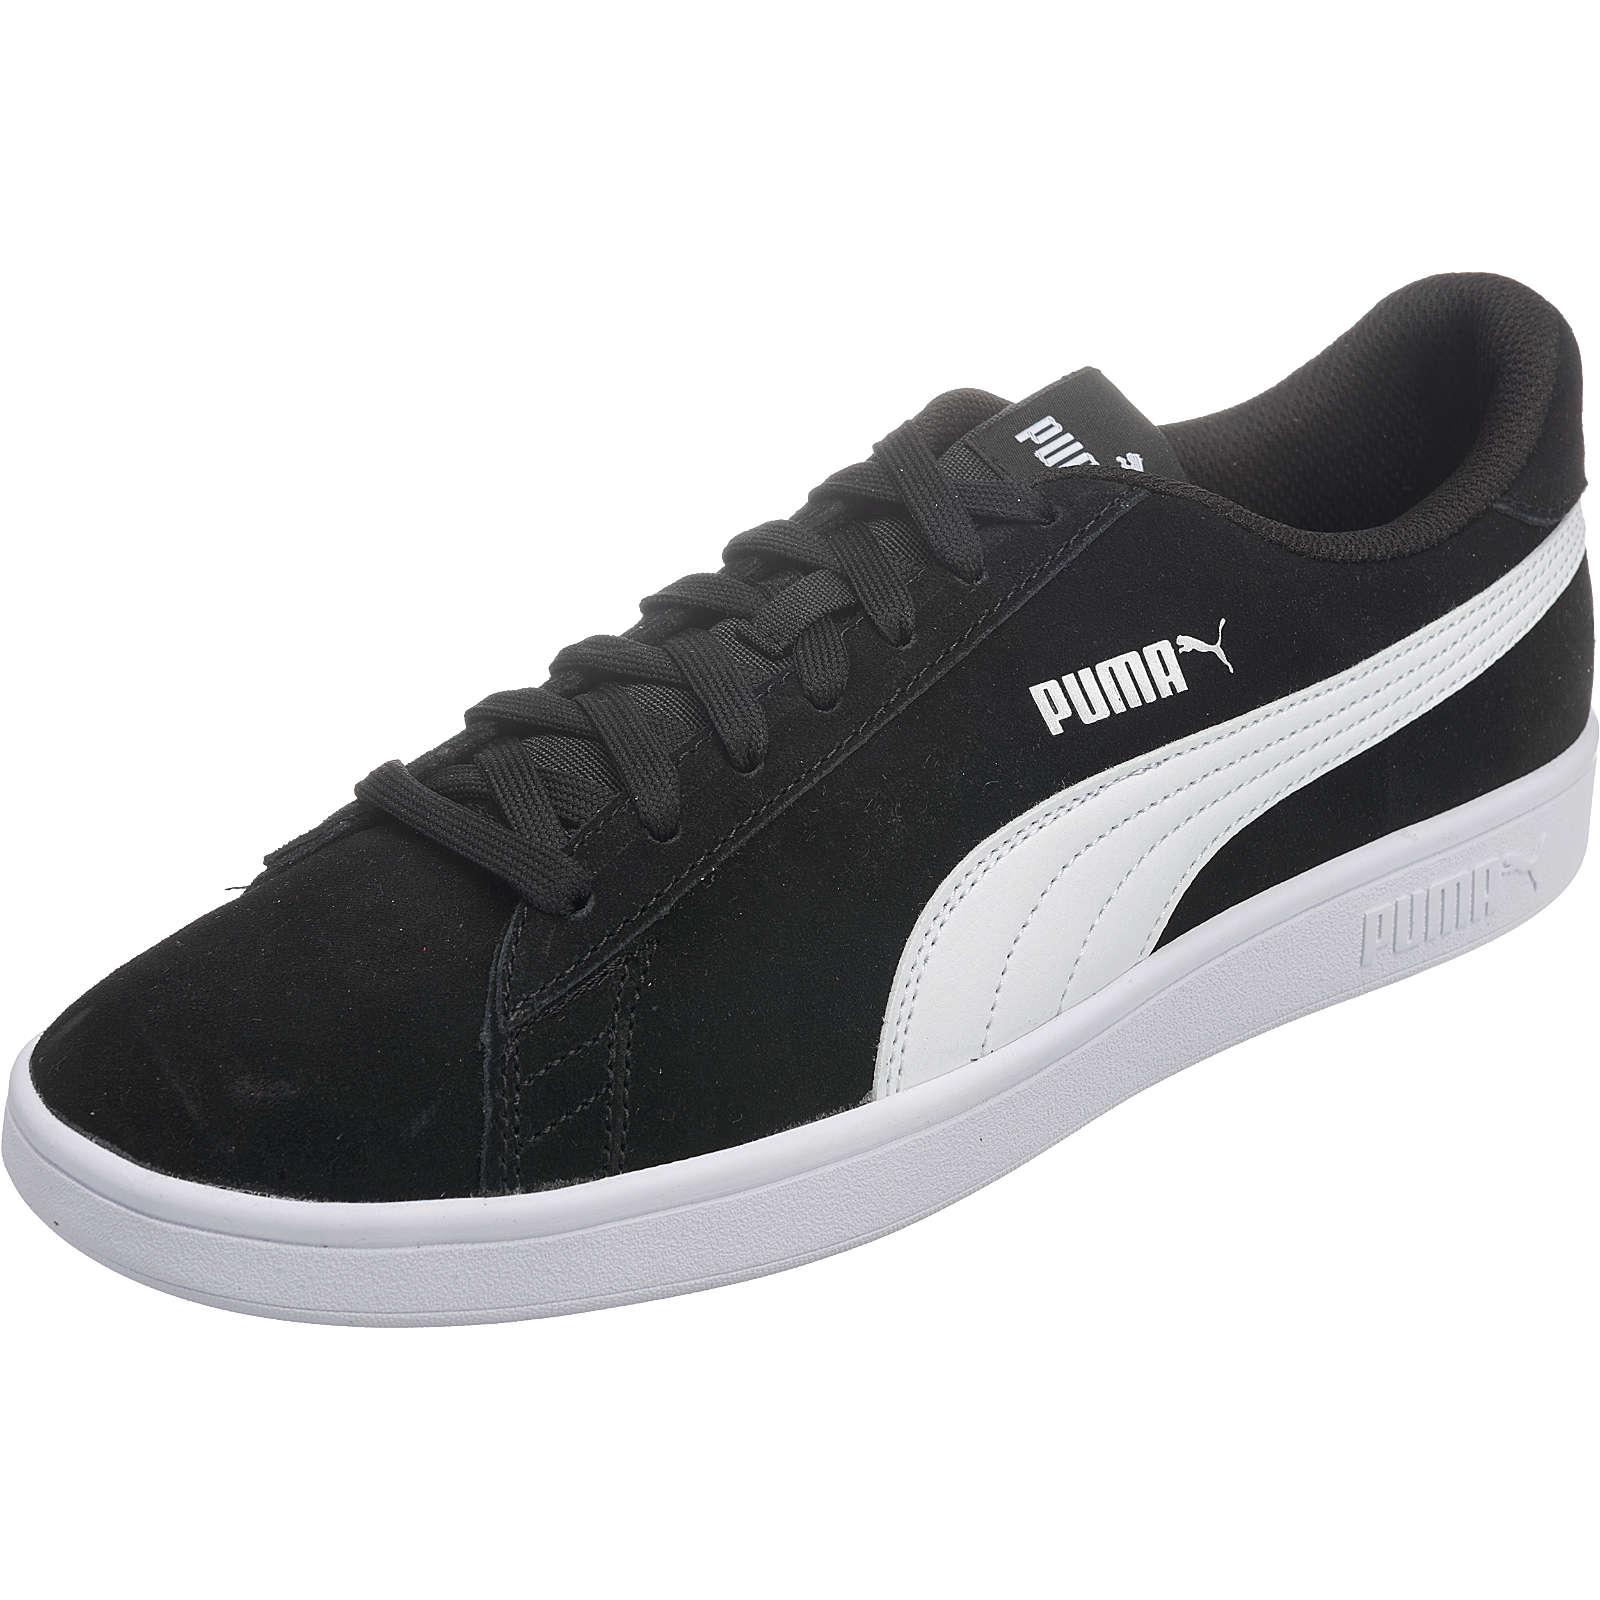 Puma Smash v2 Sneakers Low schwarz-kombi Herren Gr. 43